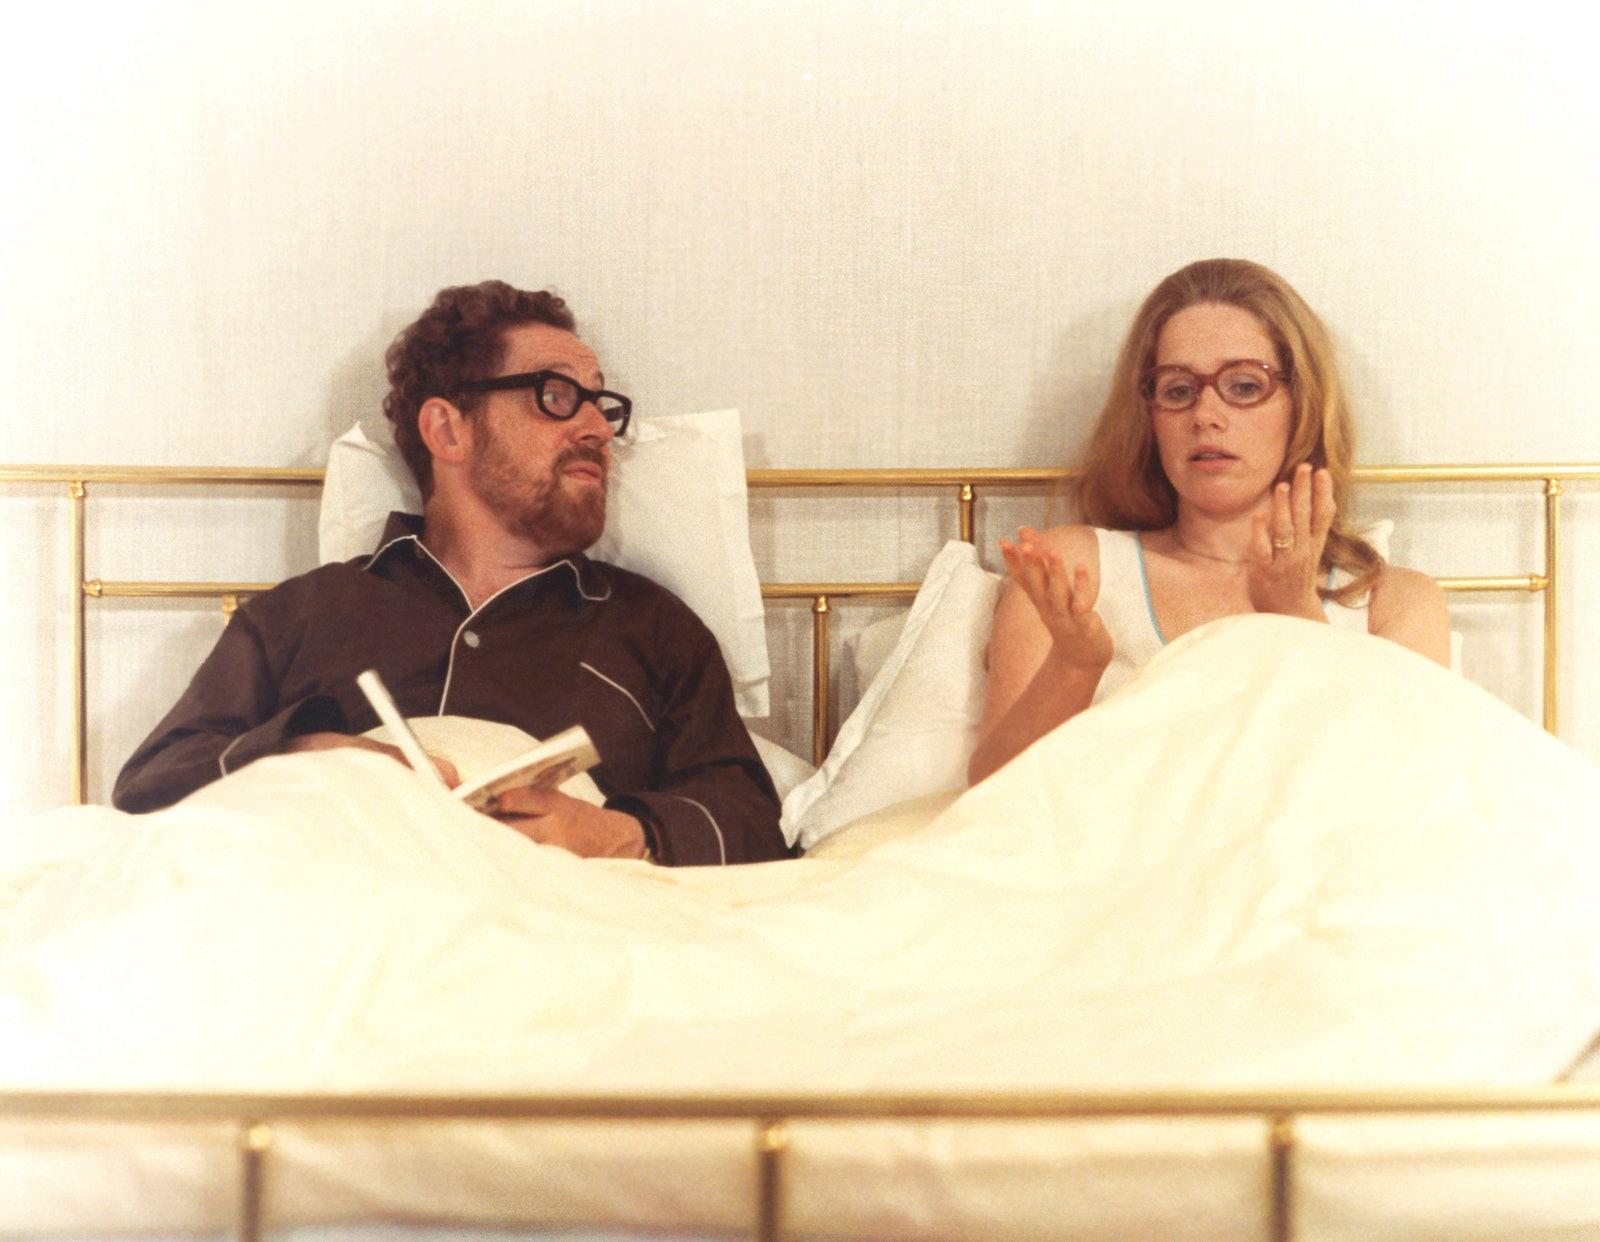 بهترین فیلم ها در مورد طلاق